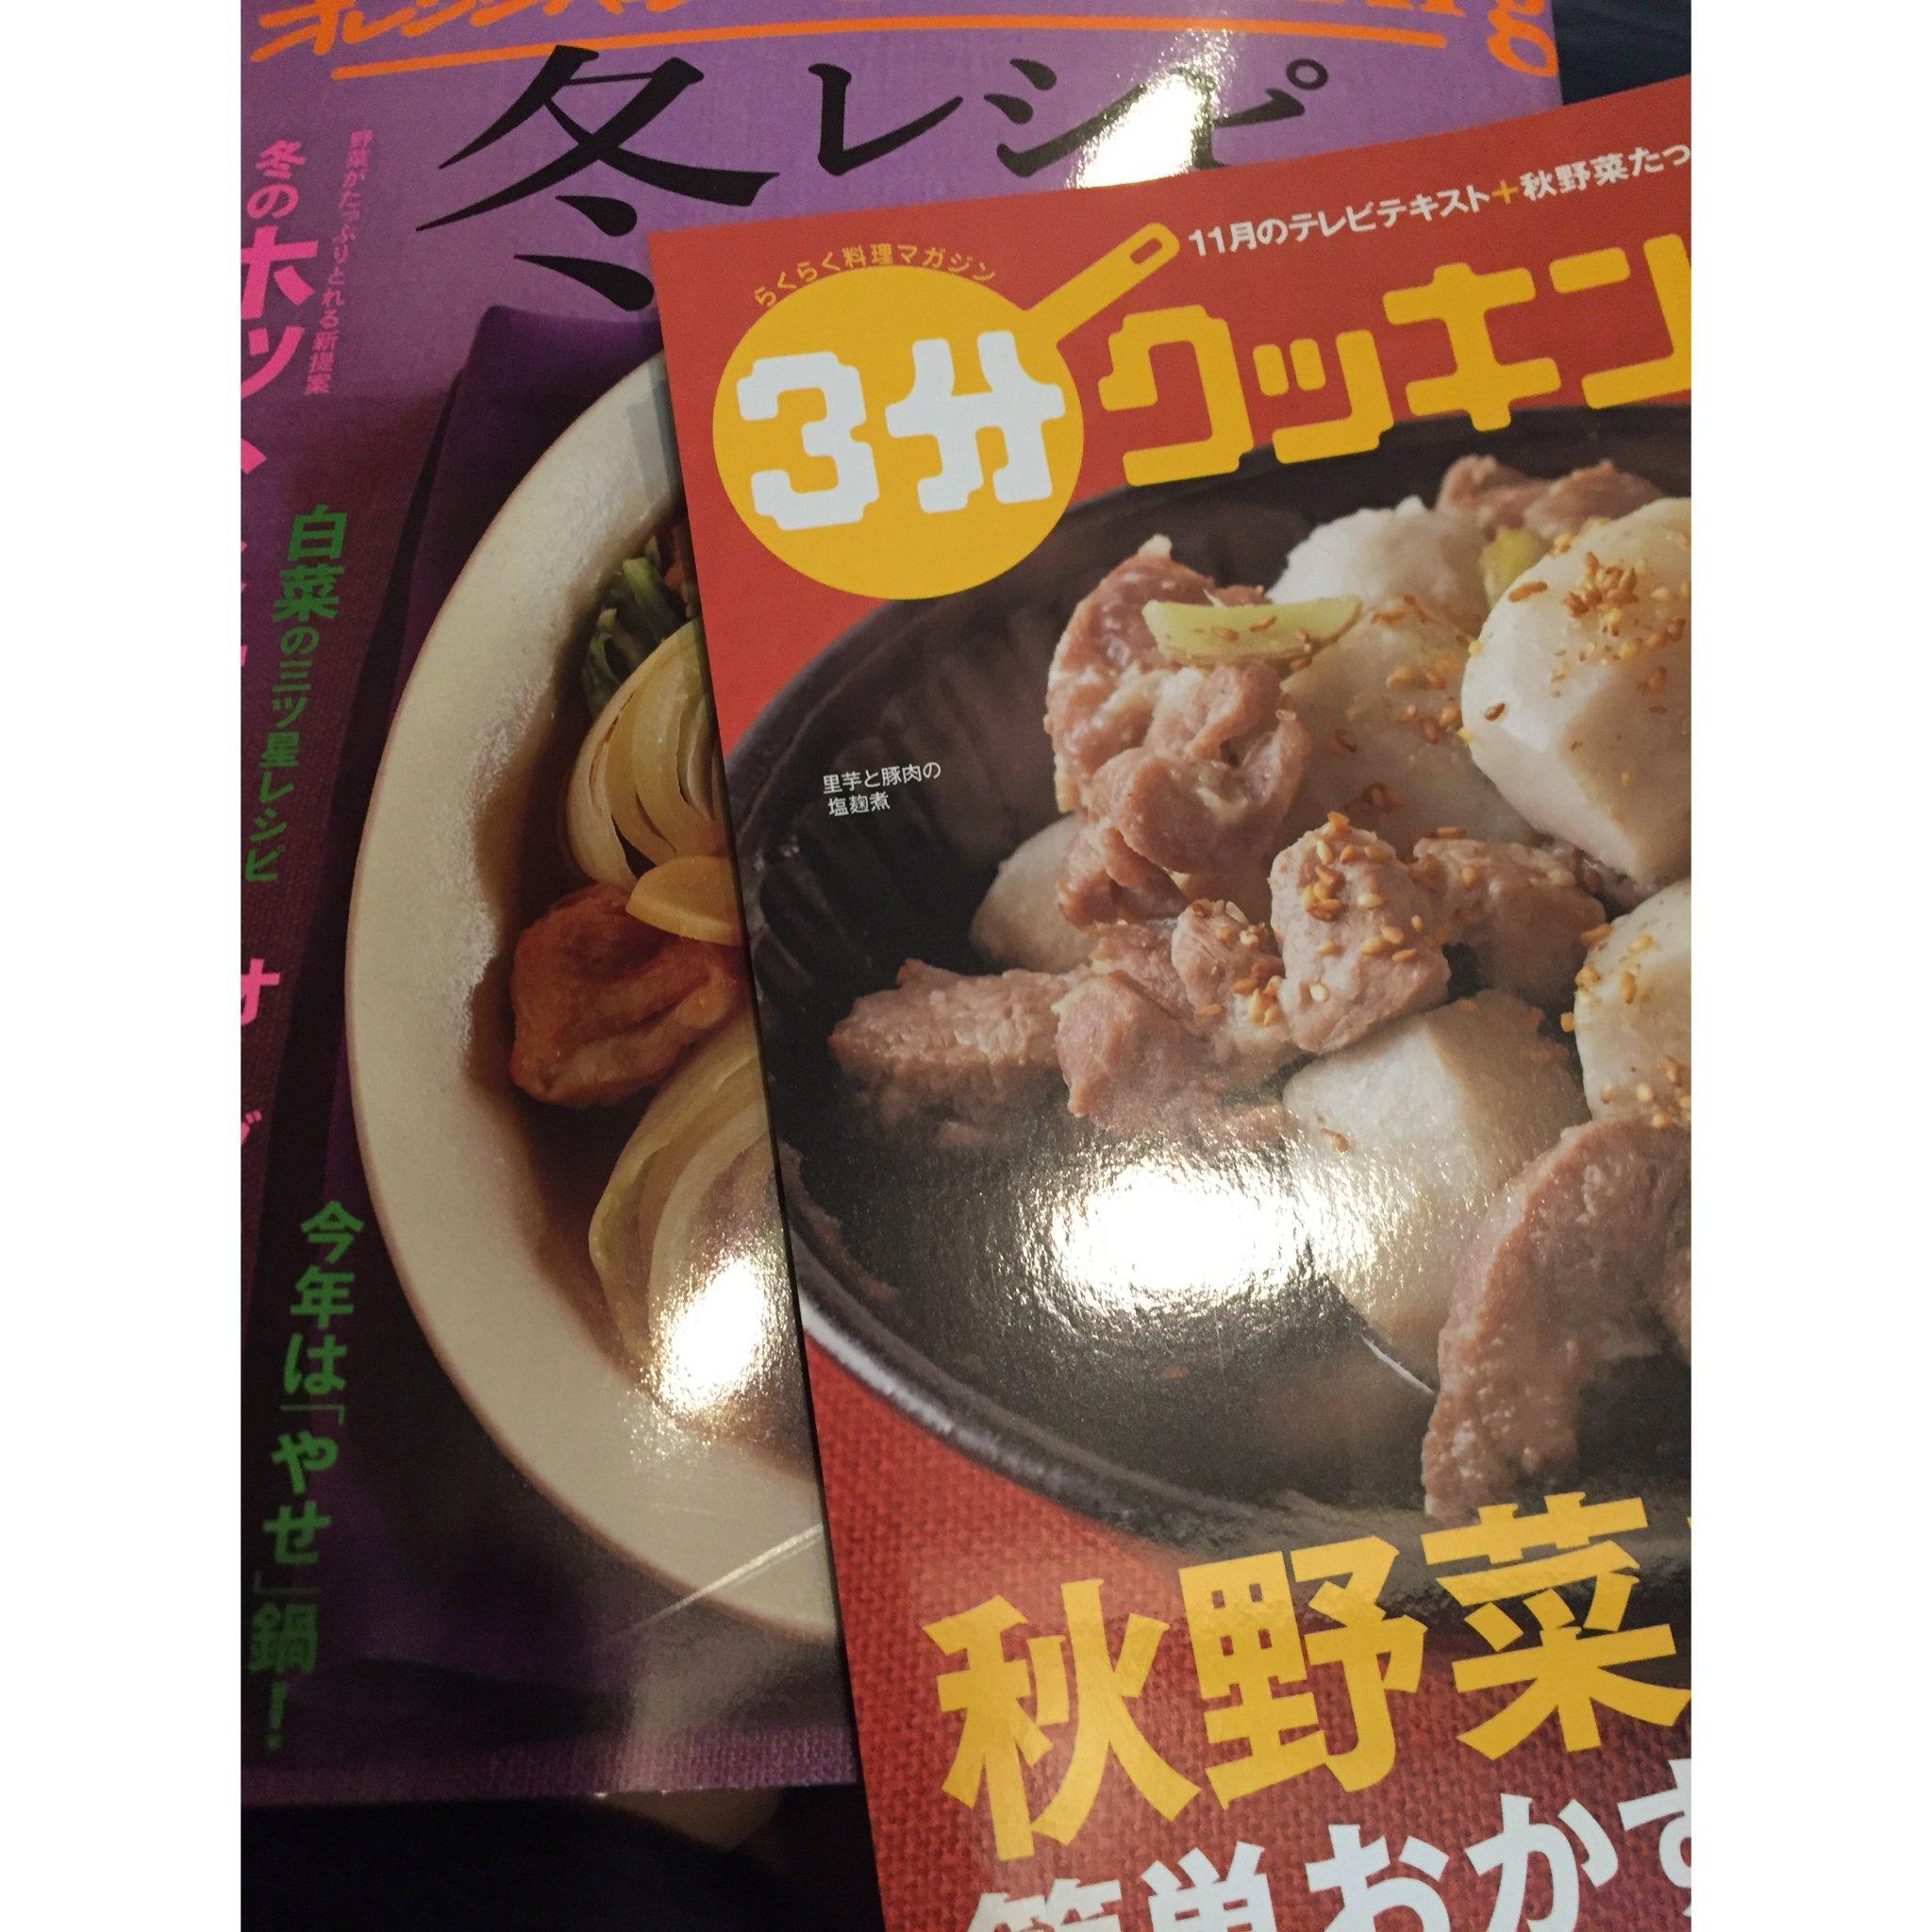 人妻さん日誌:今日は二冊のお料理雑